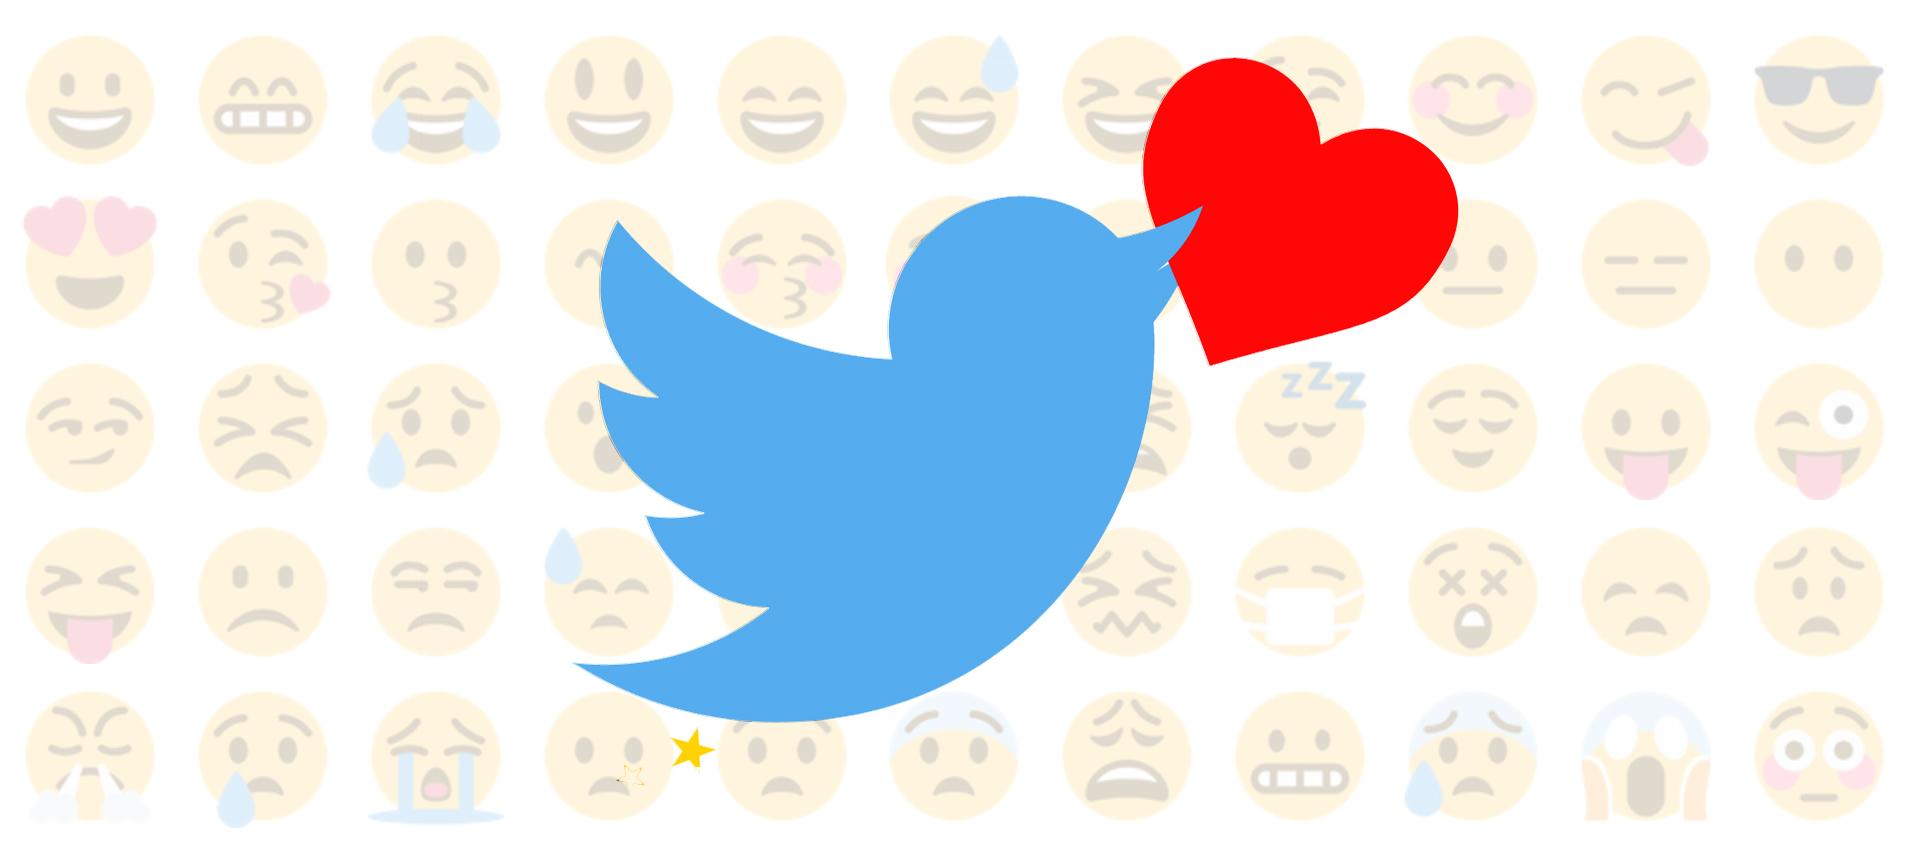 Twitter ads emoji